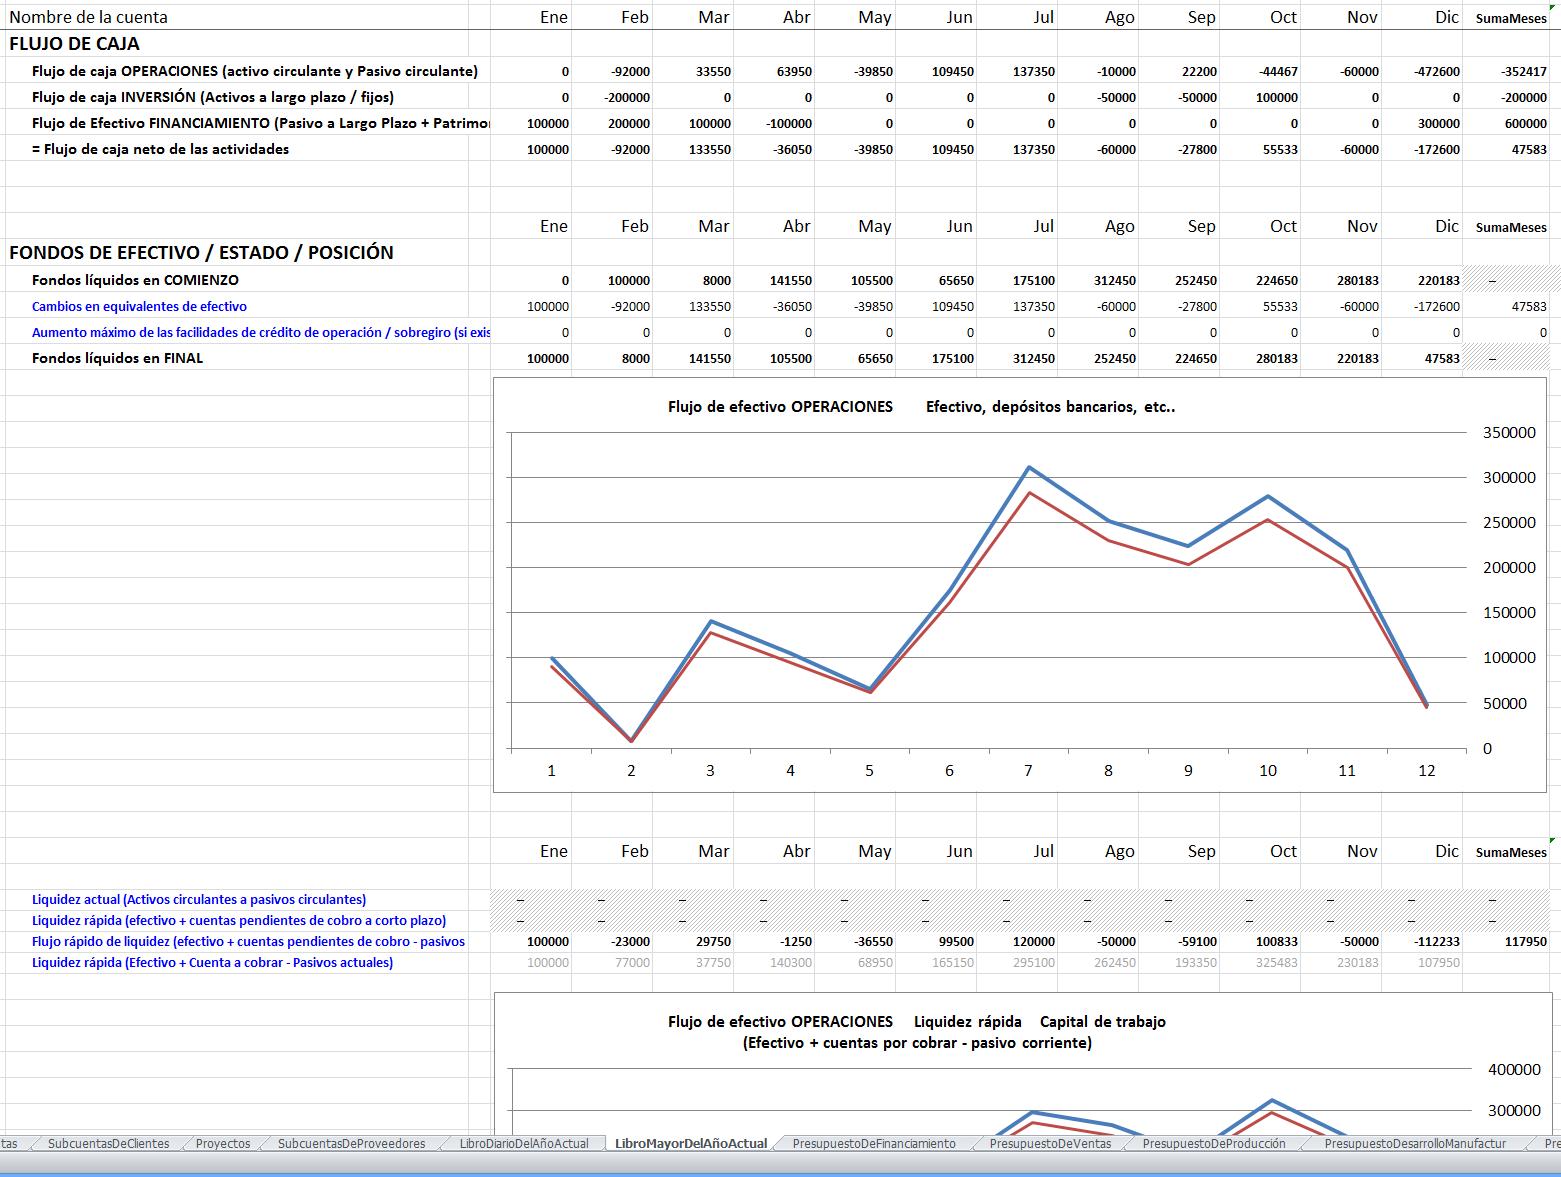 1491848148_Excel-Accounting-Budget-Analysis_com__Flujo_de_Fondos_incluso_Presupuesto_2.png